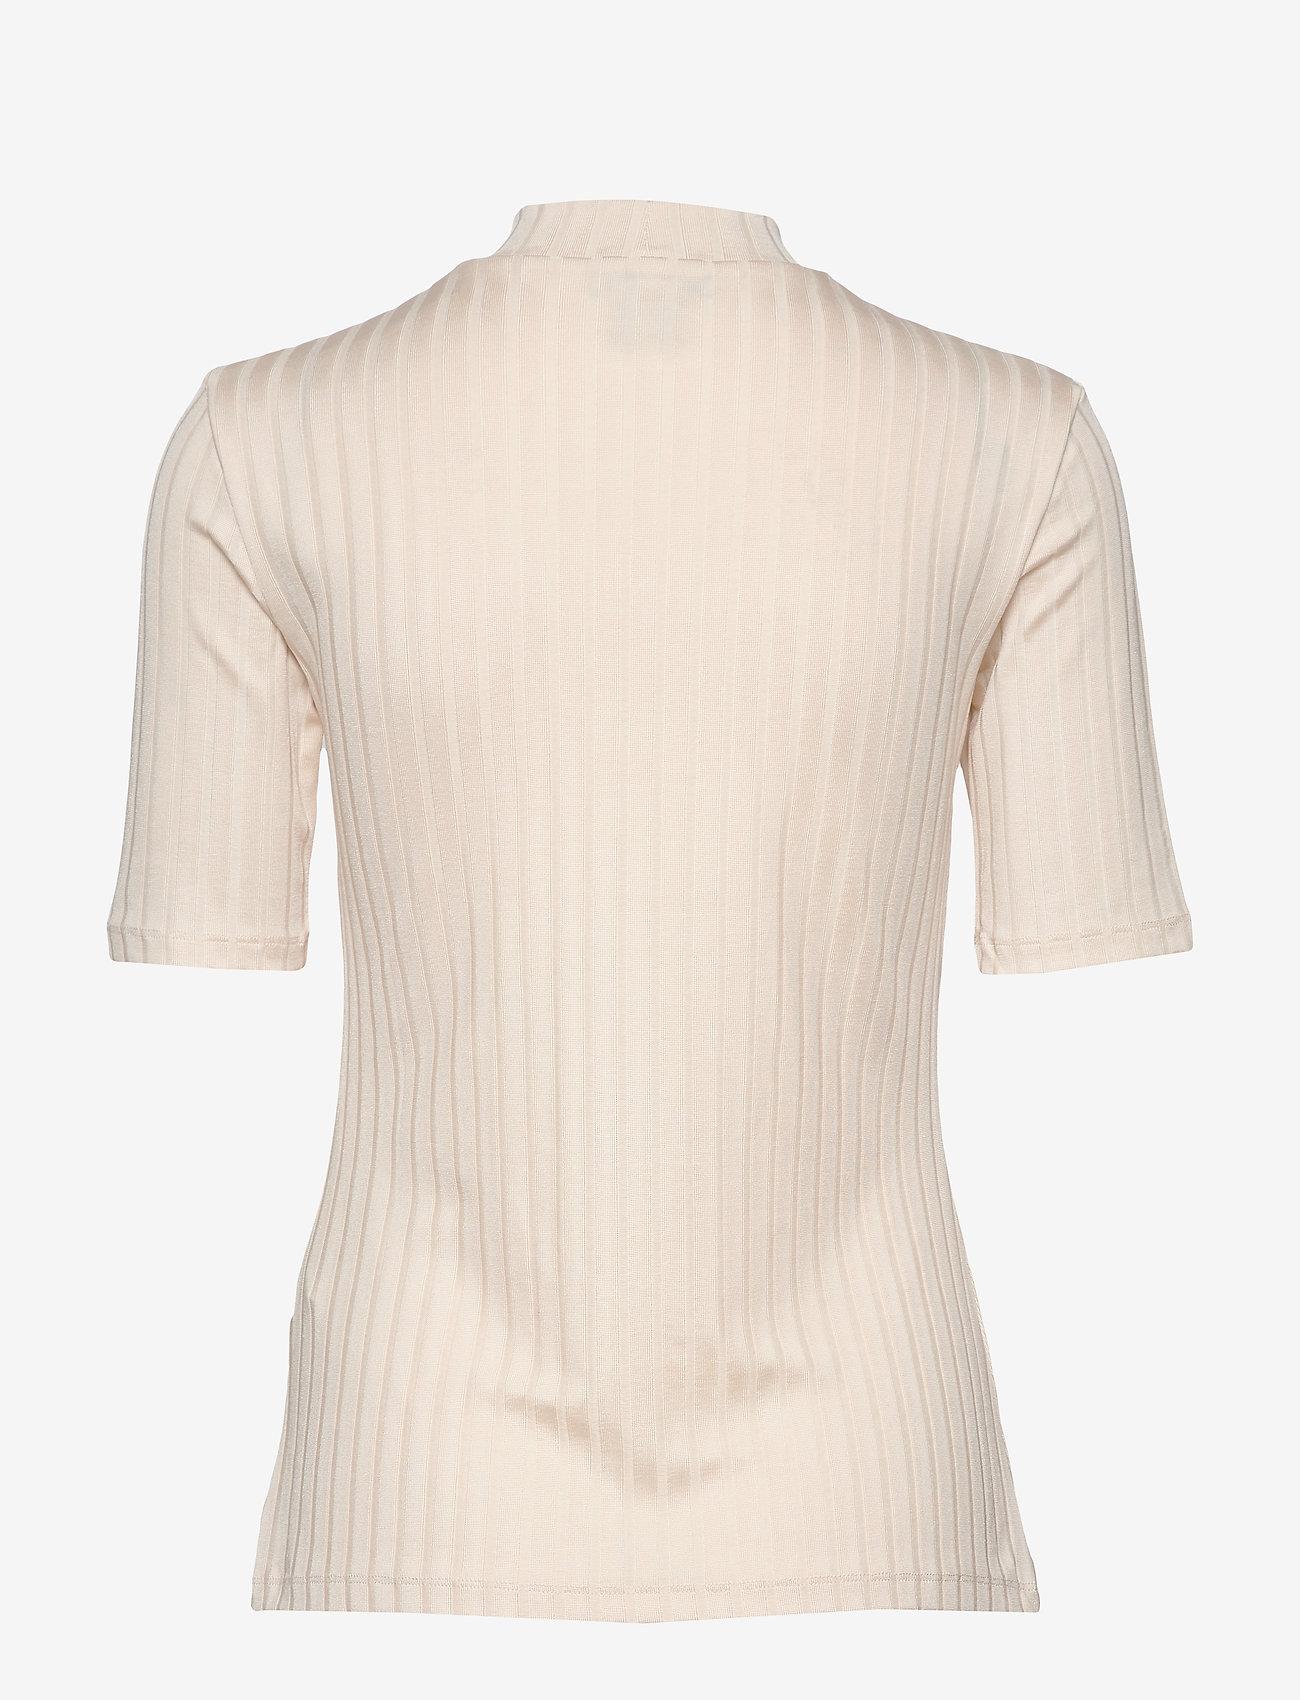 Residus MOSS RIB TOP - T-shirty i zopy WHITE SAND - Kobiety Odzież.